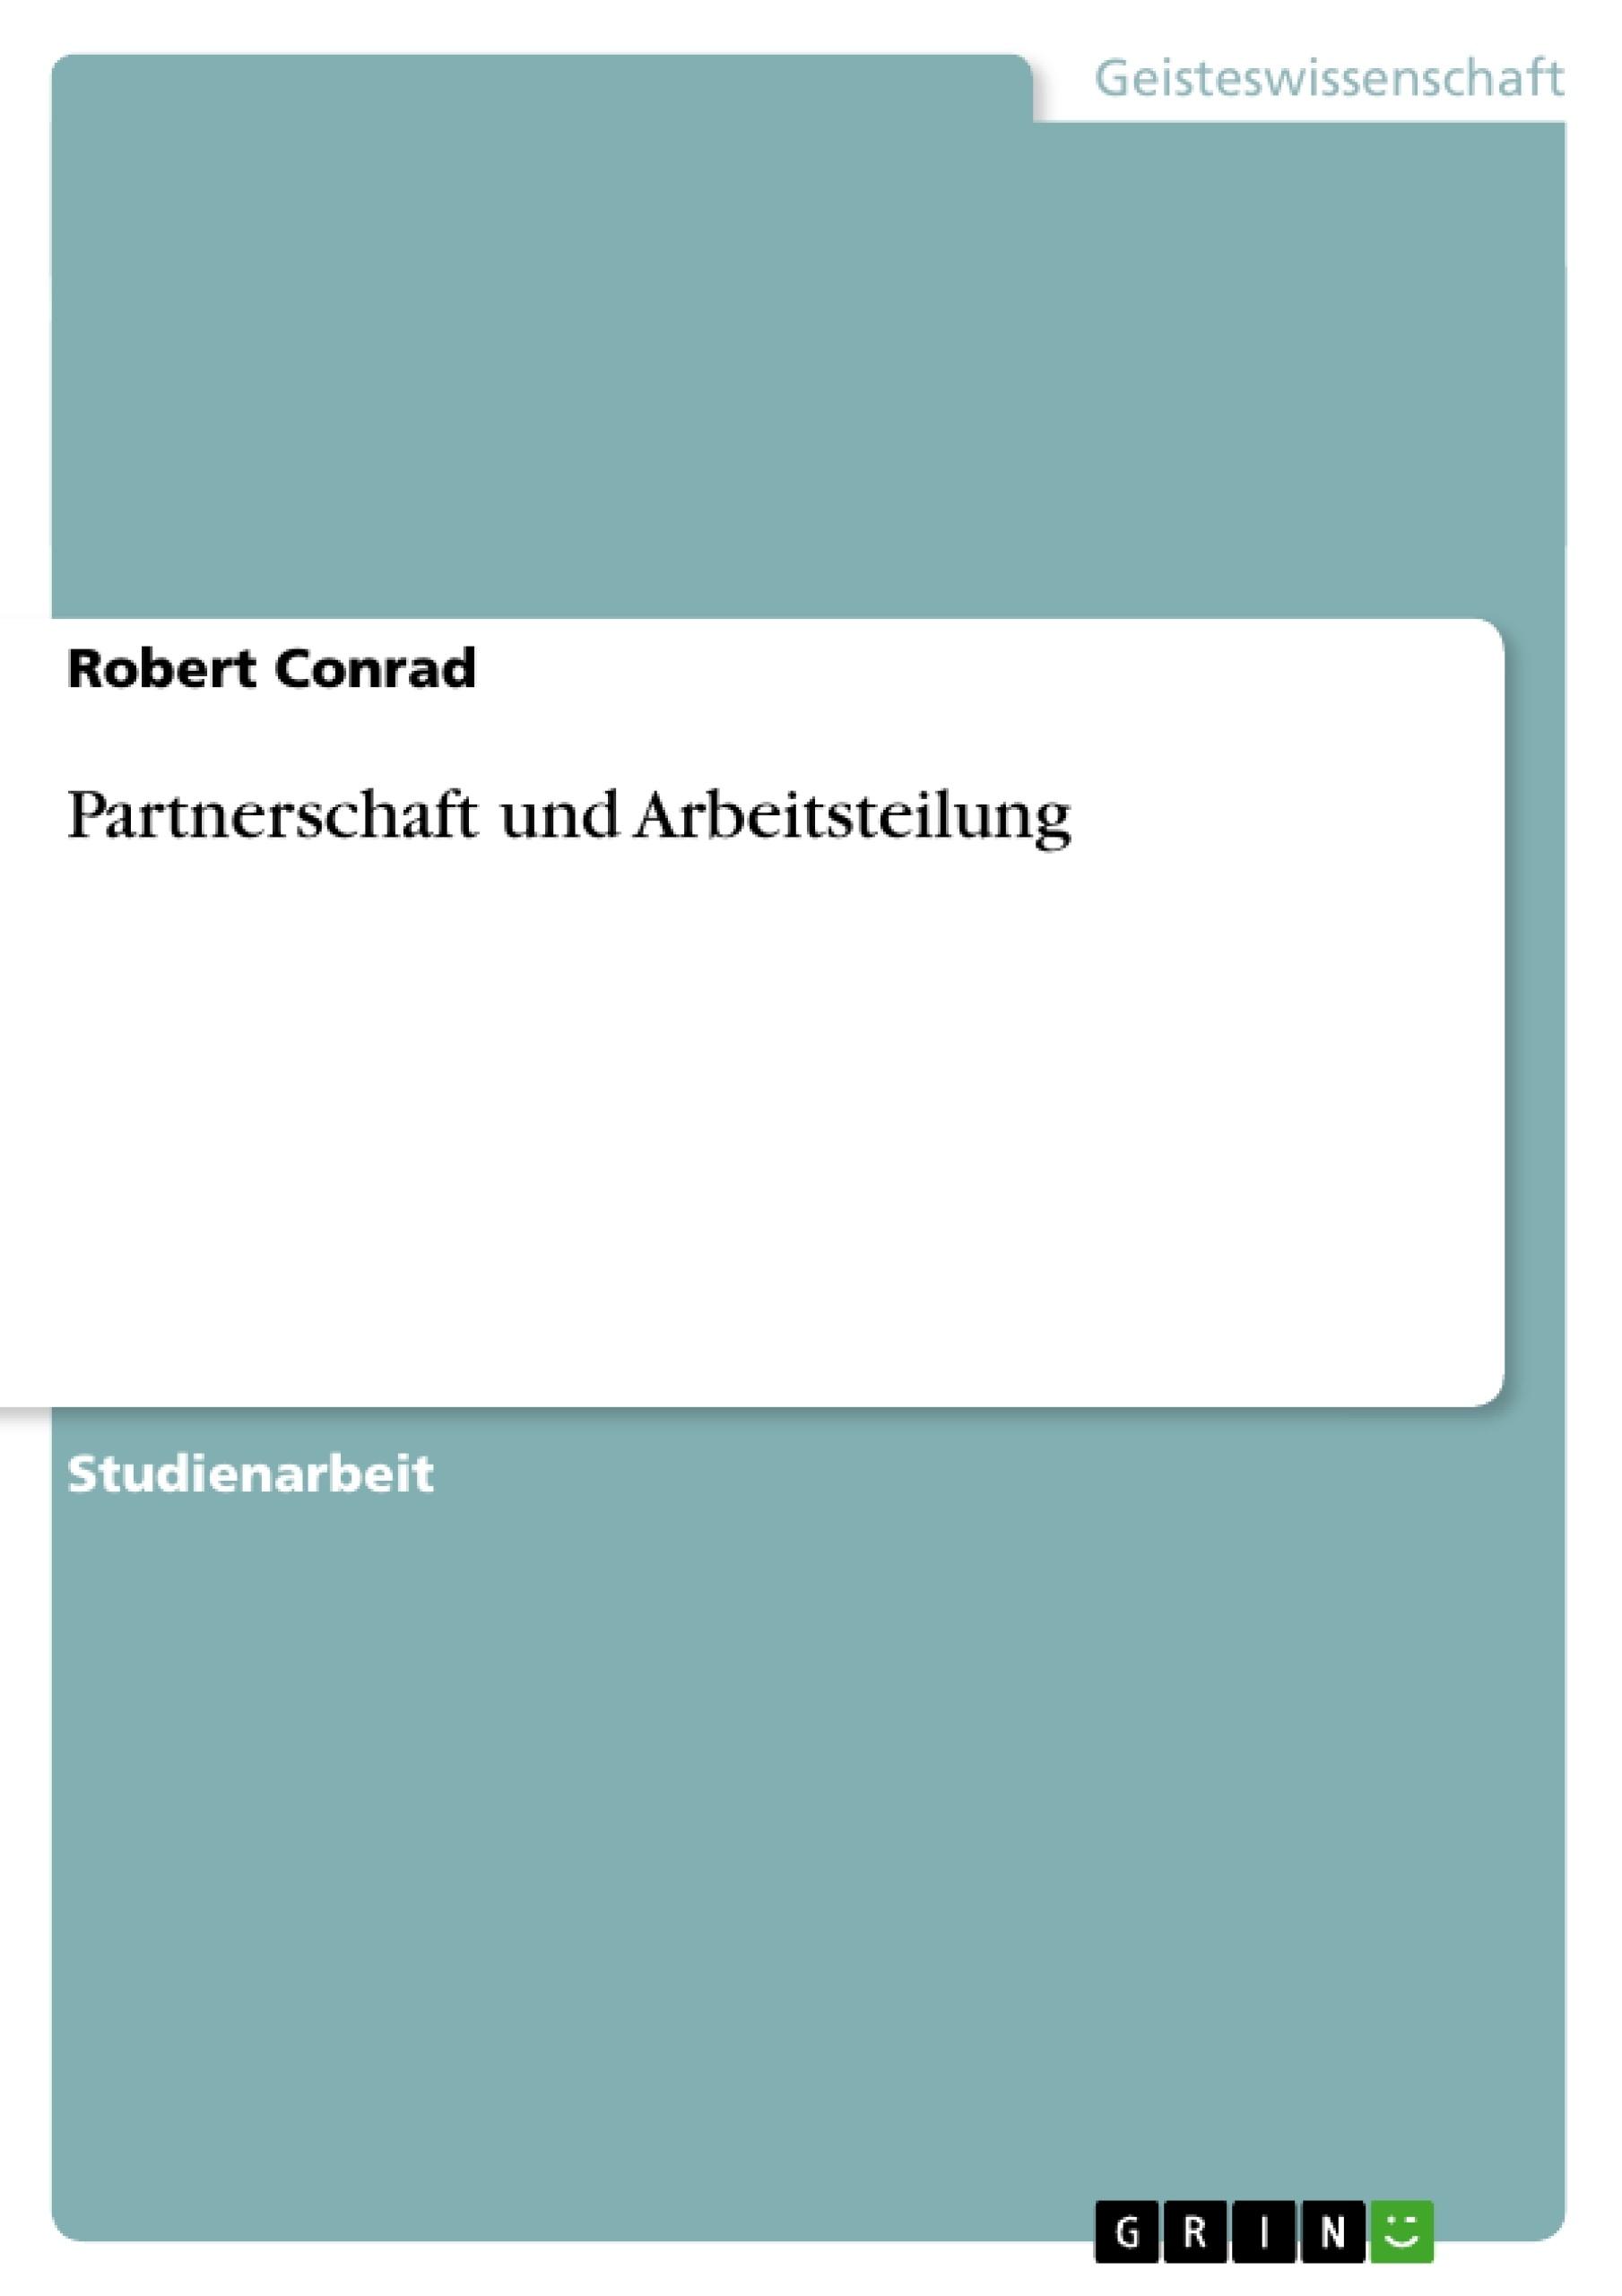 Titel: Partnerschaft und Arbeitsteilung